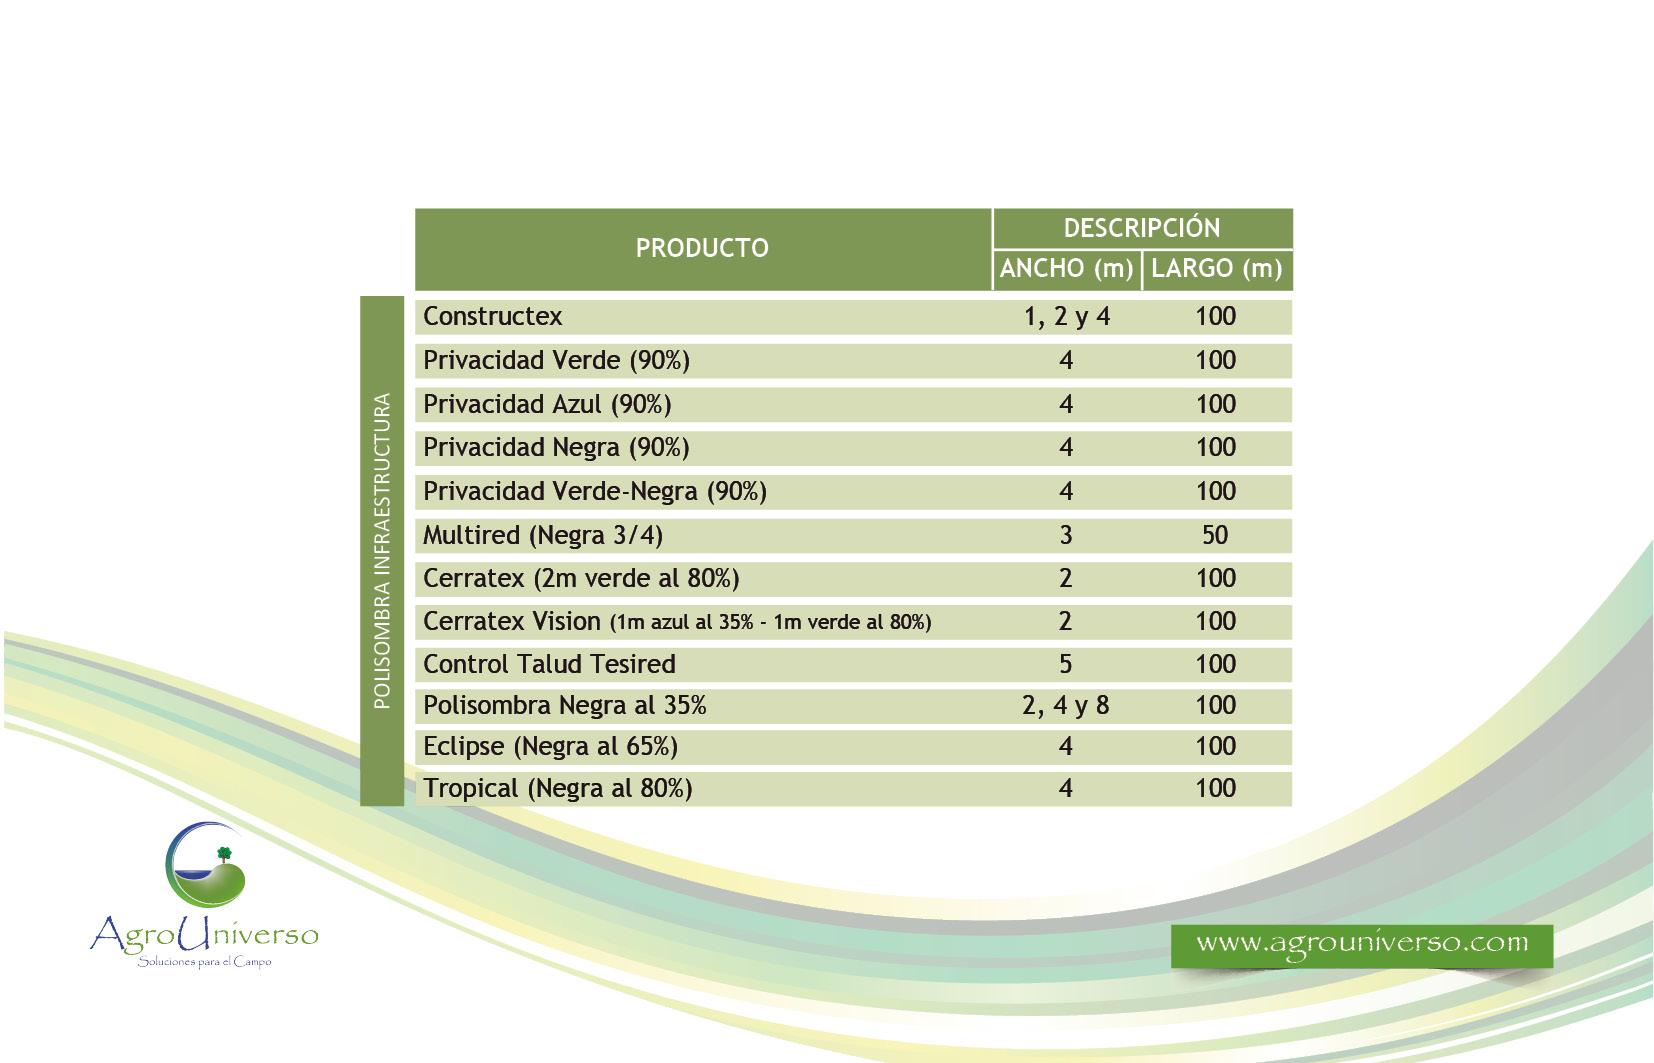 Catlogo-de-productos-Agrouniverso-5-A